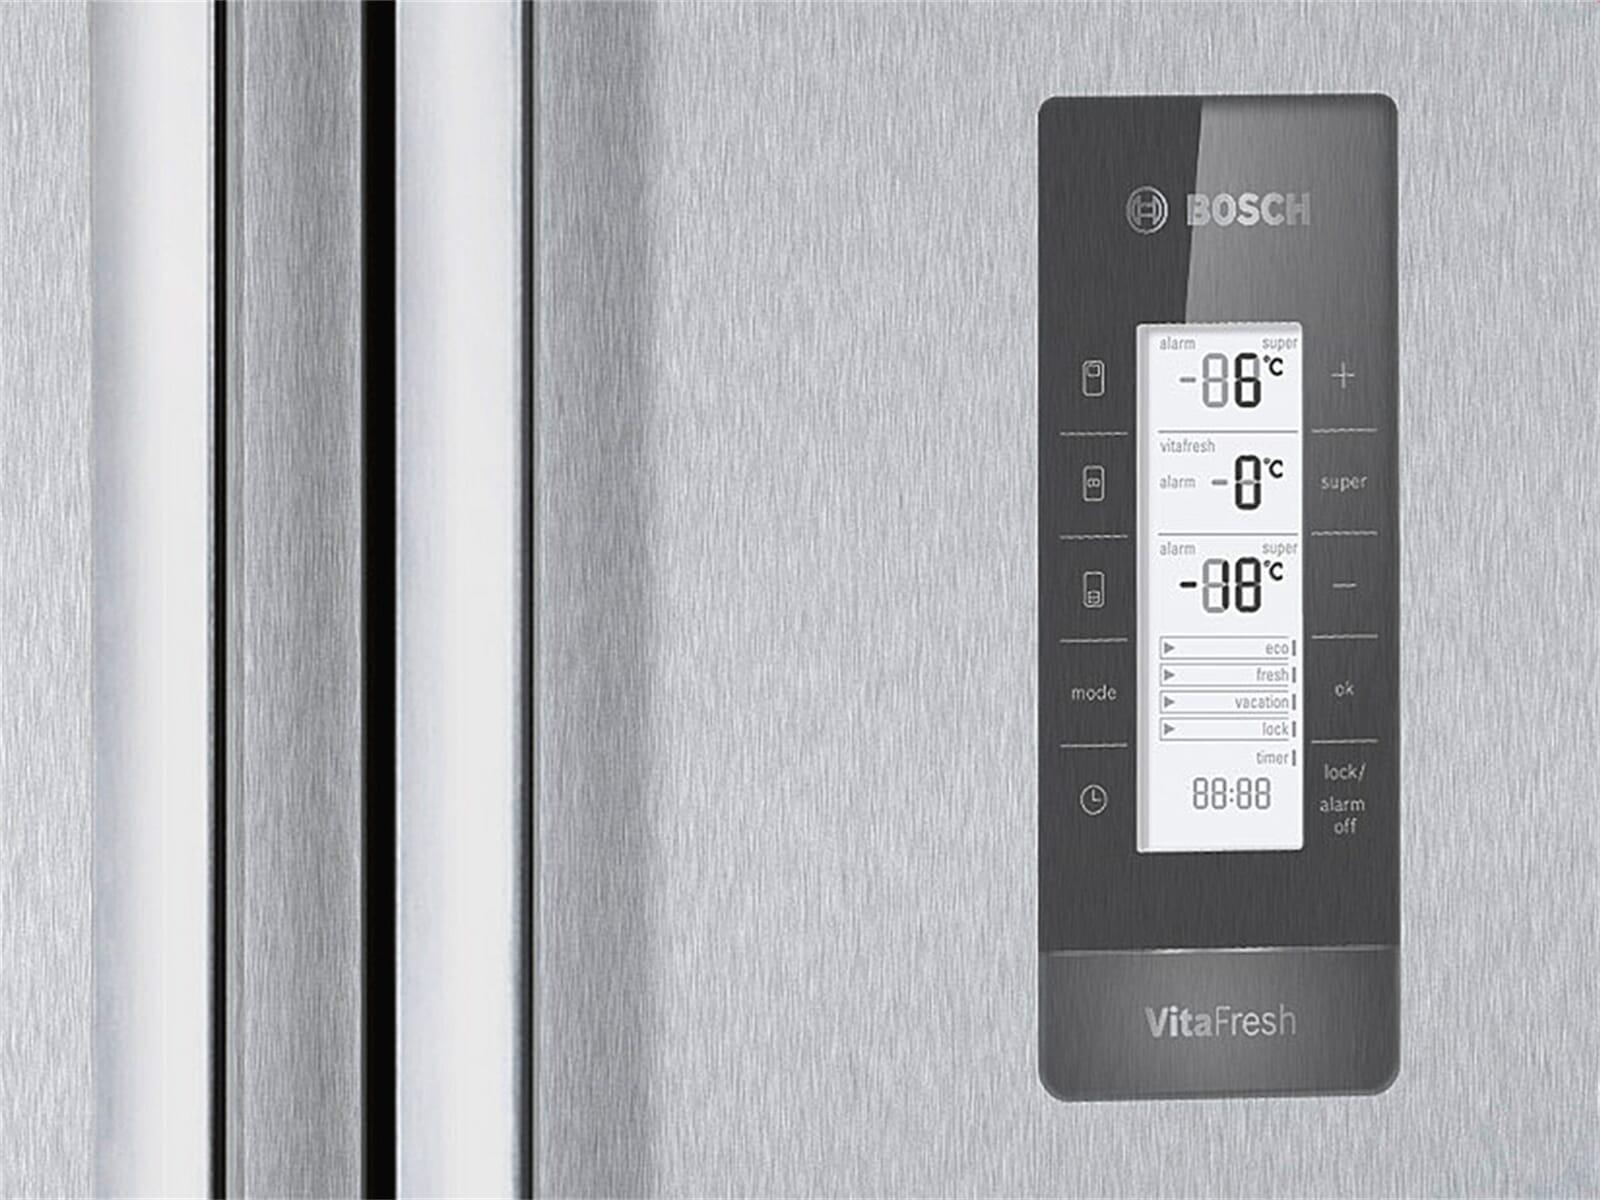 Fantastisch Bosch KMF40AI20 Standkühlschrank Edelstahl. Produktbild KMF40AI20  Produktbild KMF40AI20 Bedienelement KMF40AI20 Bedienelement KMF40AI20